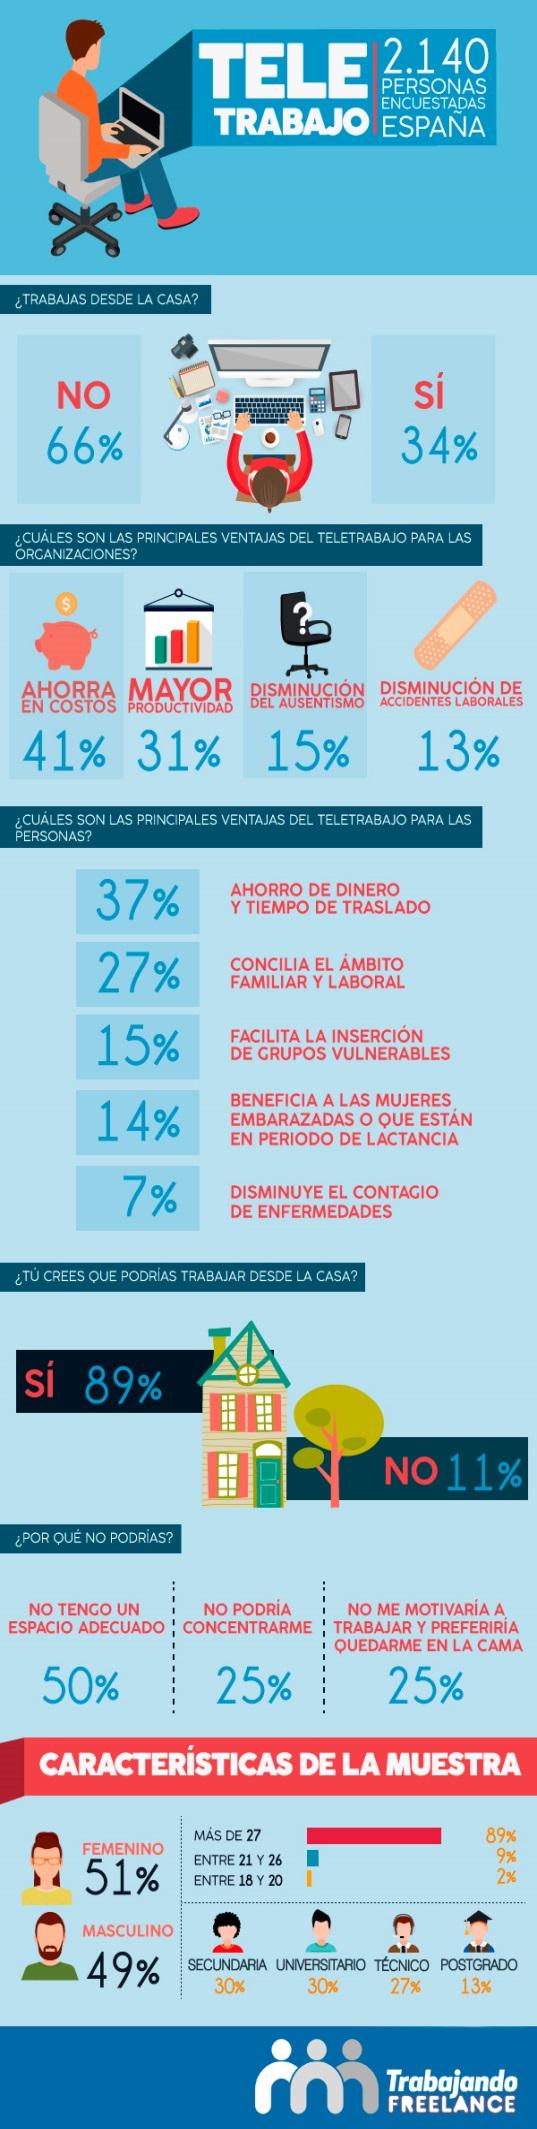 infografia teletrabajo